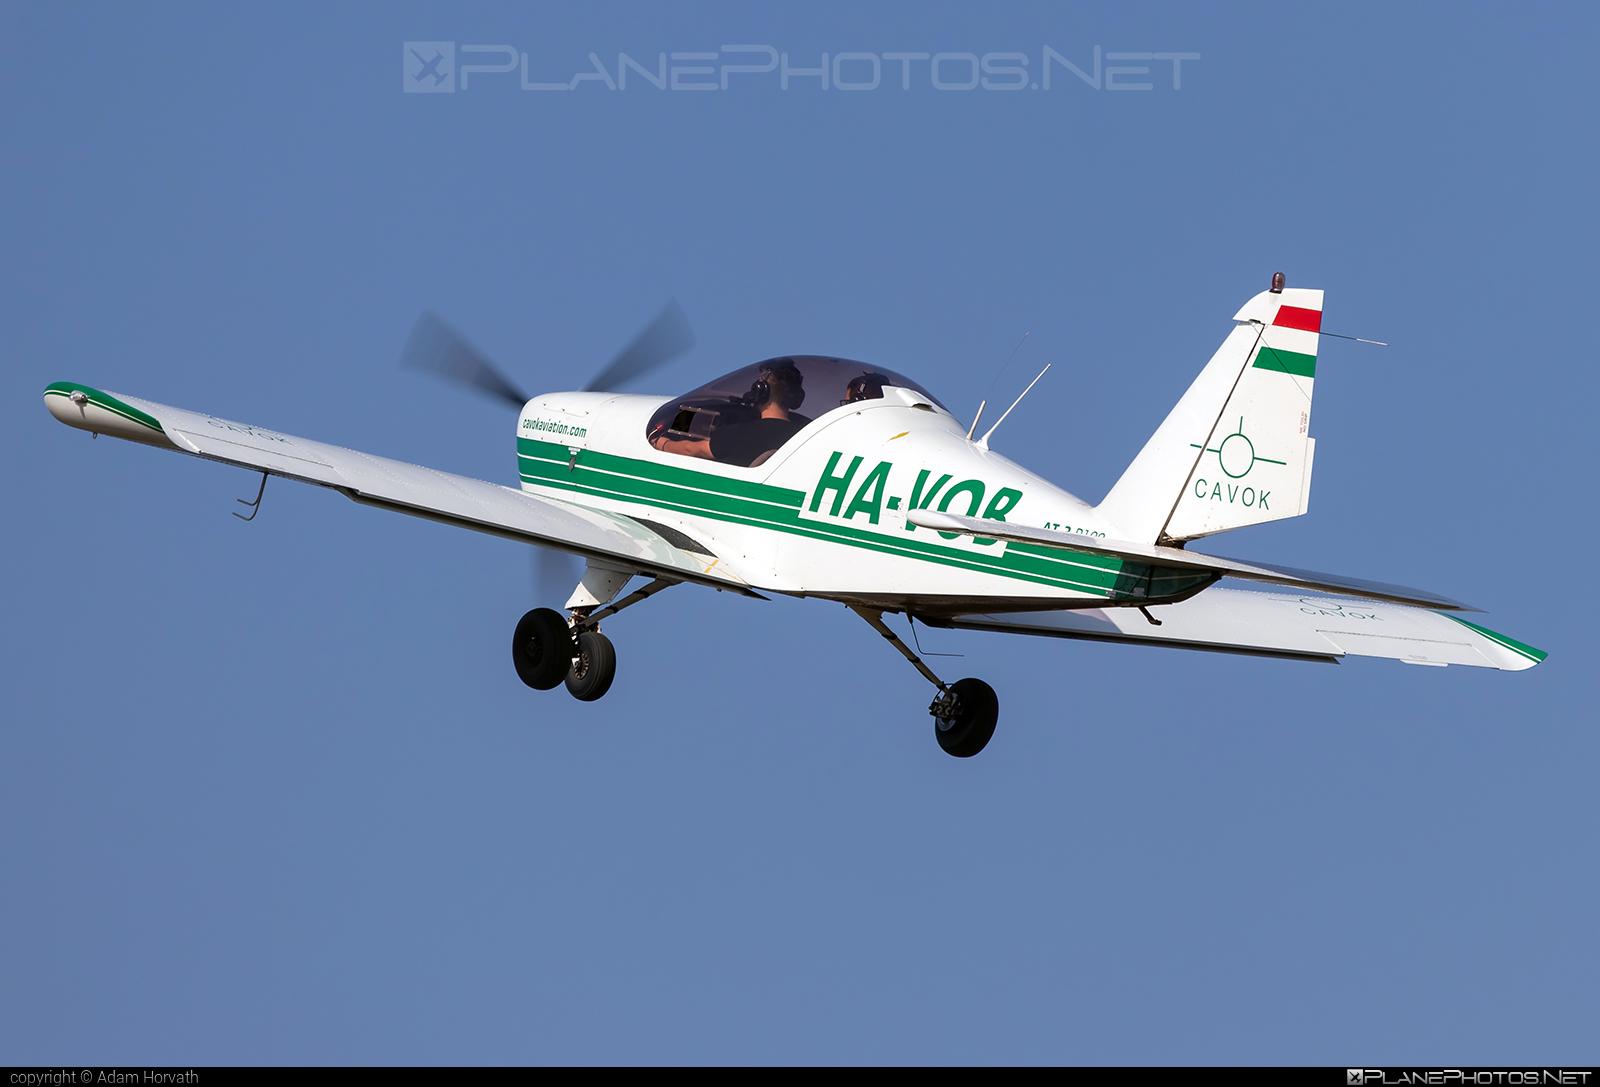 Flight - 2020-10-27 14:00-16:00 - Klotz Bence